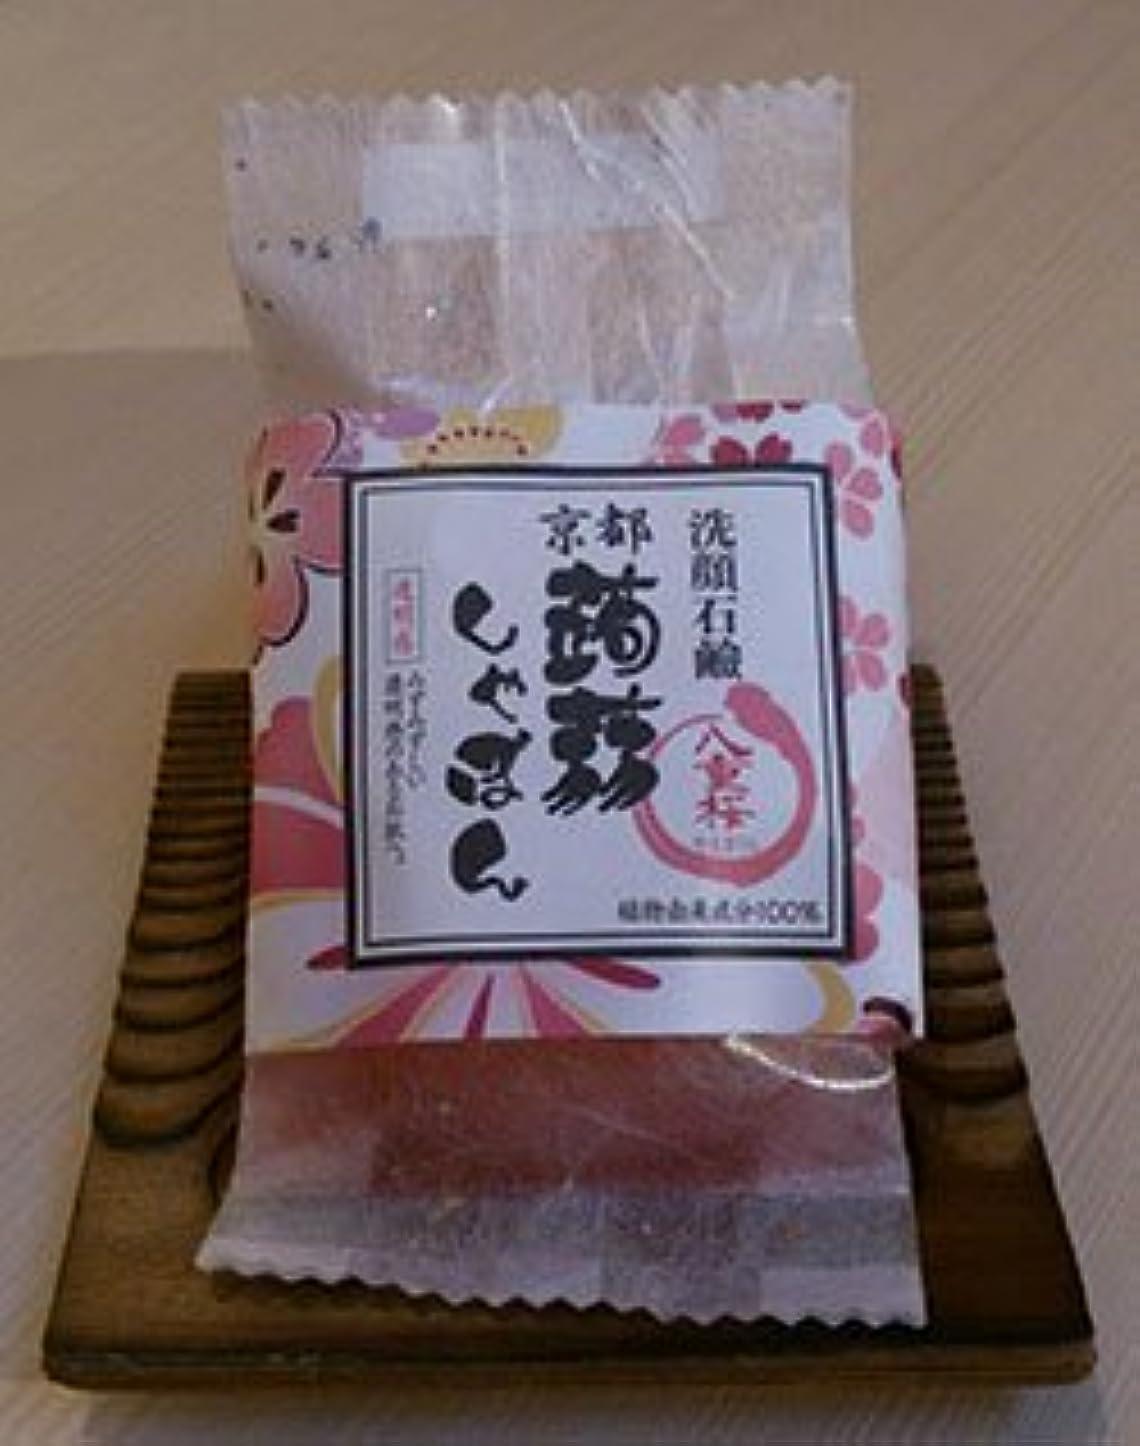 誤解を招くペナルティダイヤモンド京都蒟蒻しゃぼん「八重桜 やえざくら」